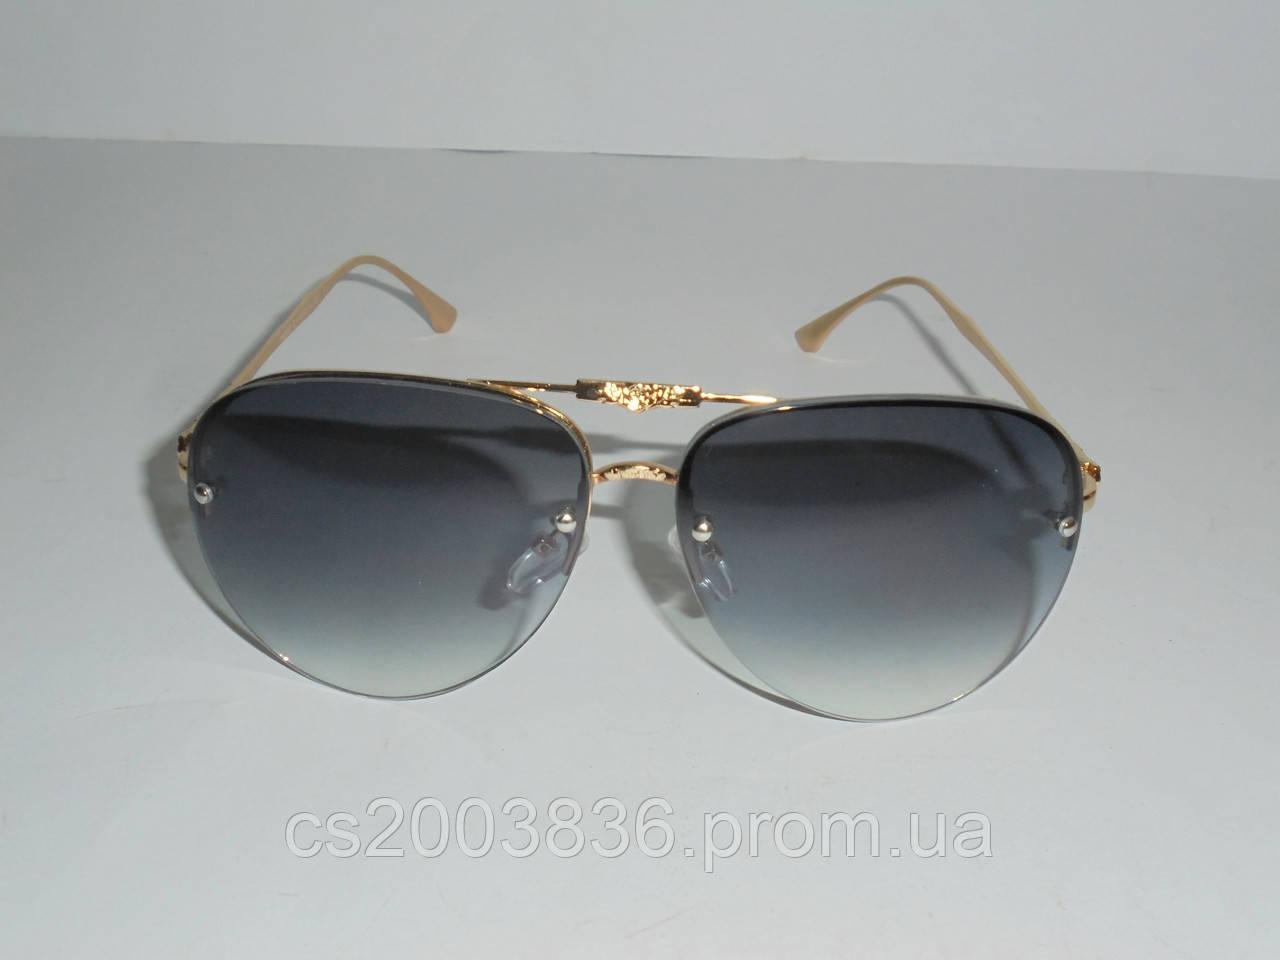 3bc196d3fb28 Женские солнцезащитные очки Aviator 6832, очки авиаторы, модный аксессуар,  женские,качество ,очки капельки